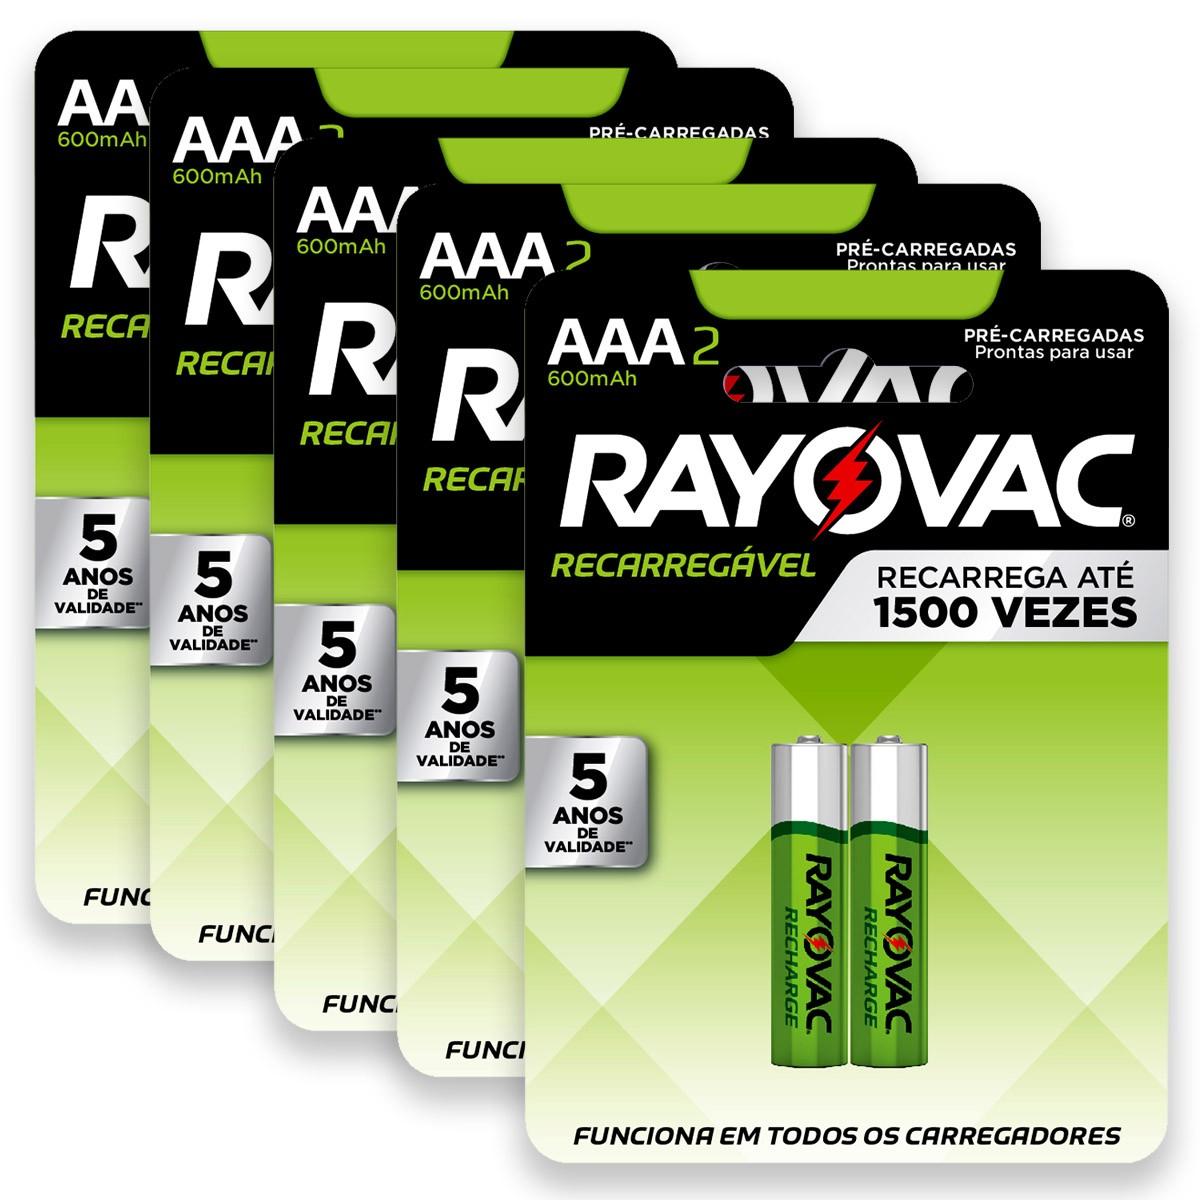 10 Pilhas AAA Recarregável 600mAh RAYOVAC 5 cartelas